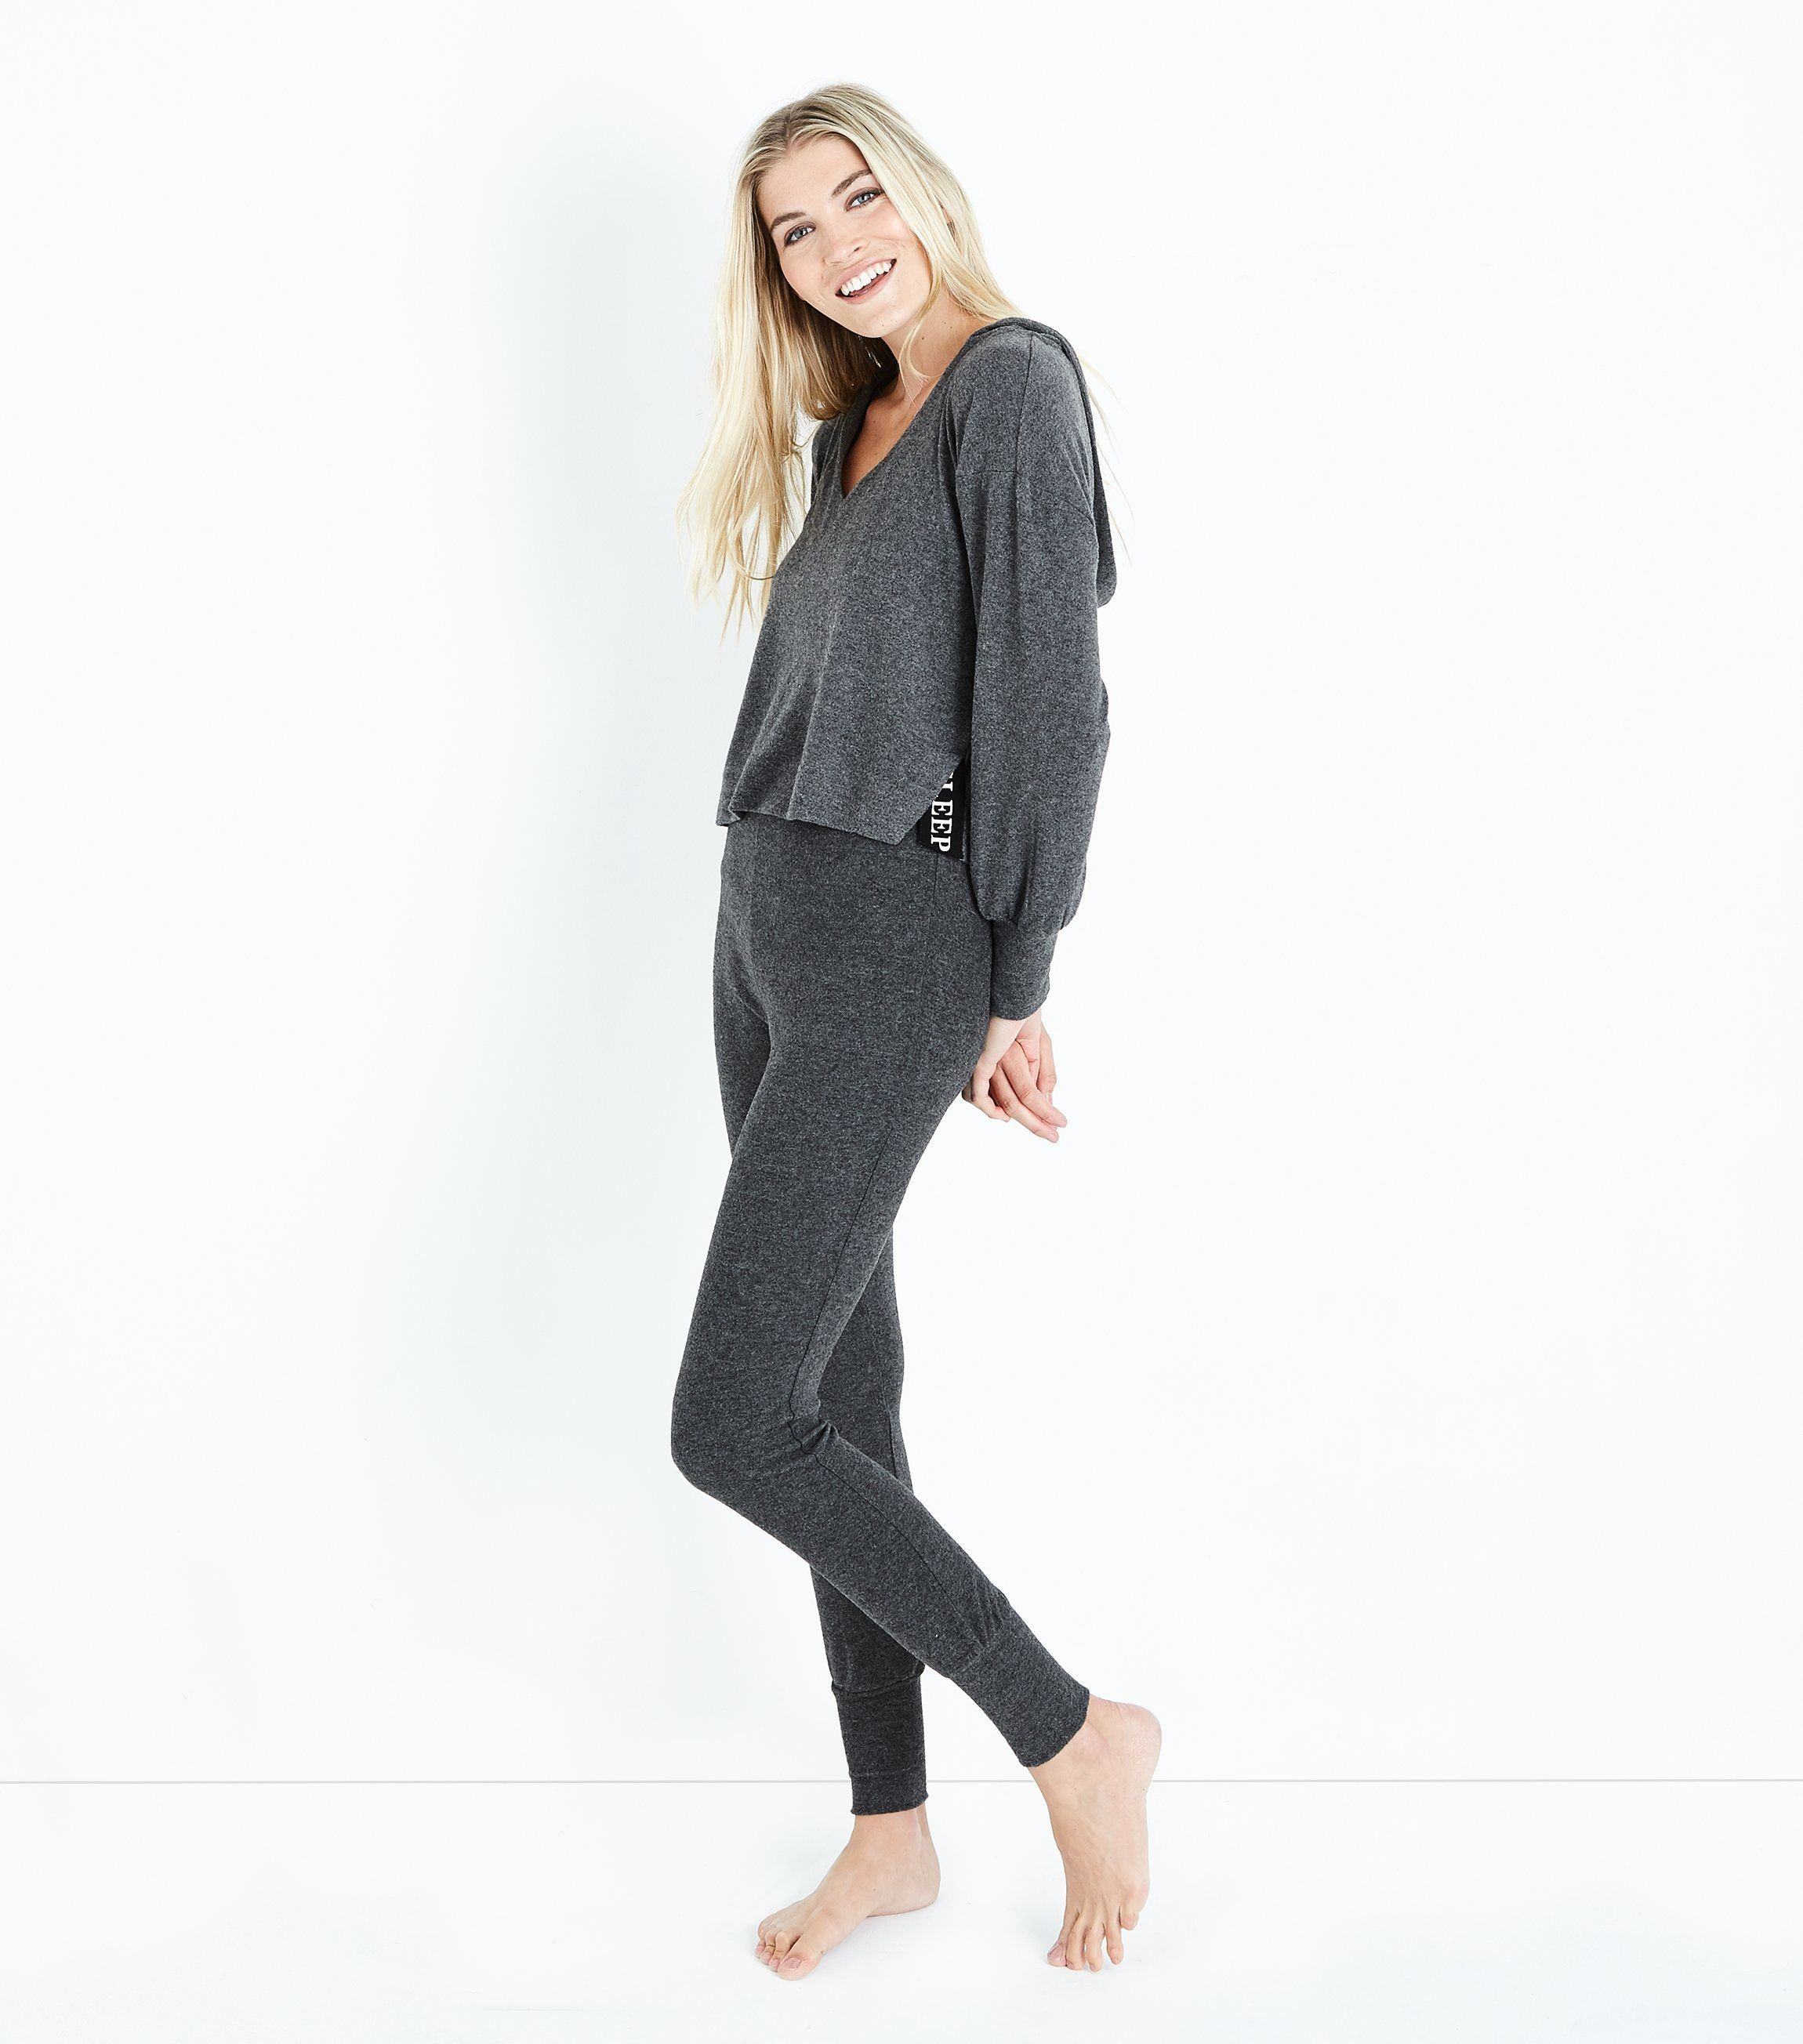 спортивные костюмы 2018 2019 женские: серый в пижамном стиле